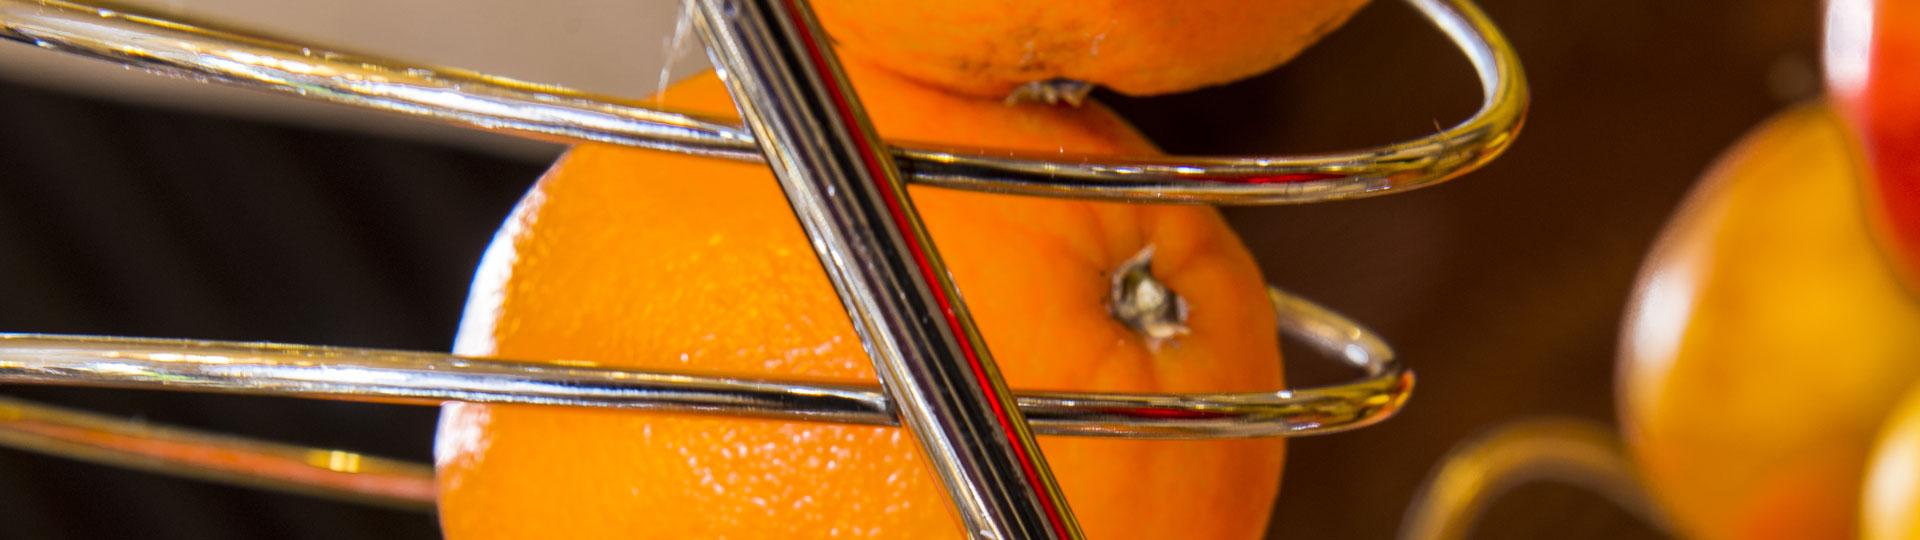 Oranges à l'hôtel Le Royal à Nice